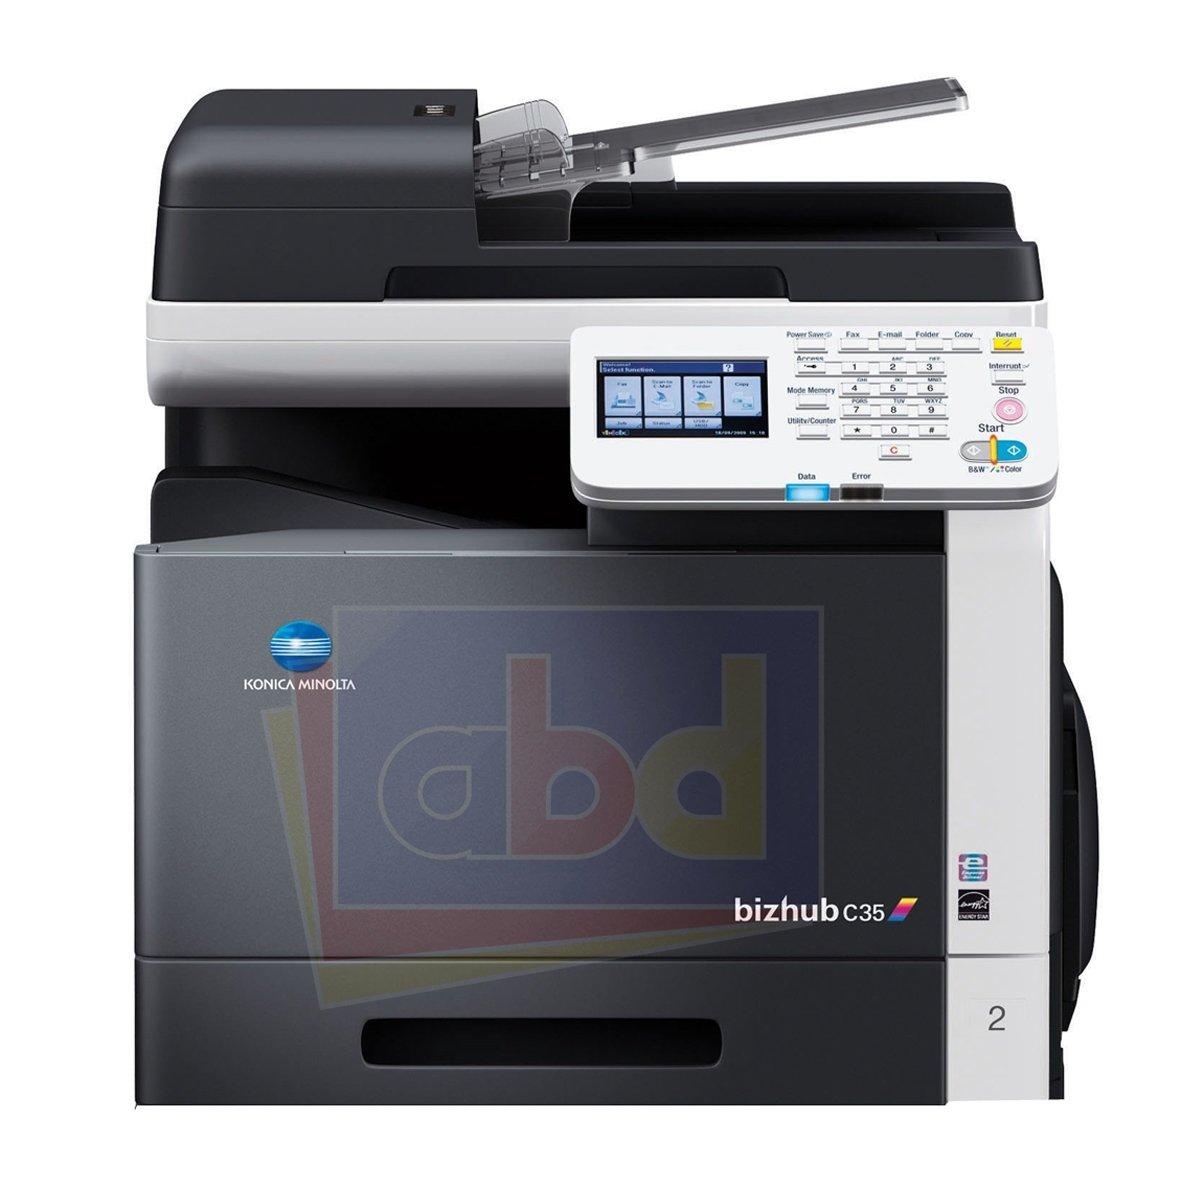 amazon com konica minolta bizhub c35 color laser multifunction rh amazon com bizhub c35 user manual bizhub c35 user manual